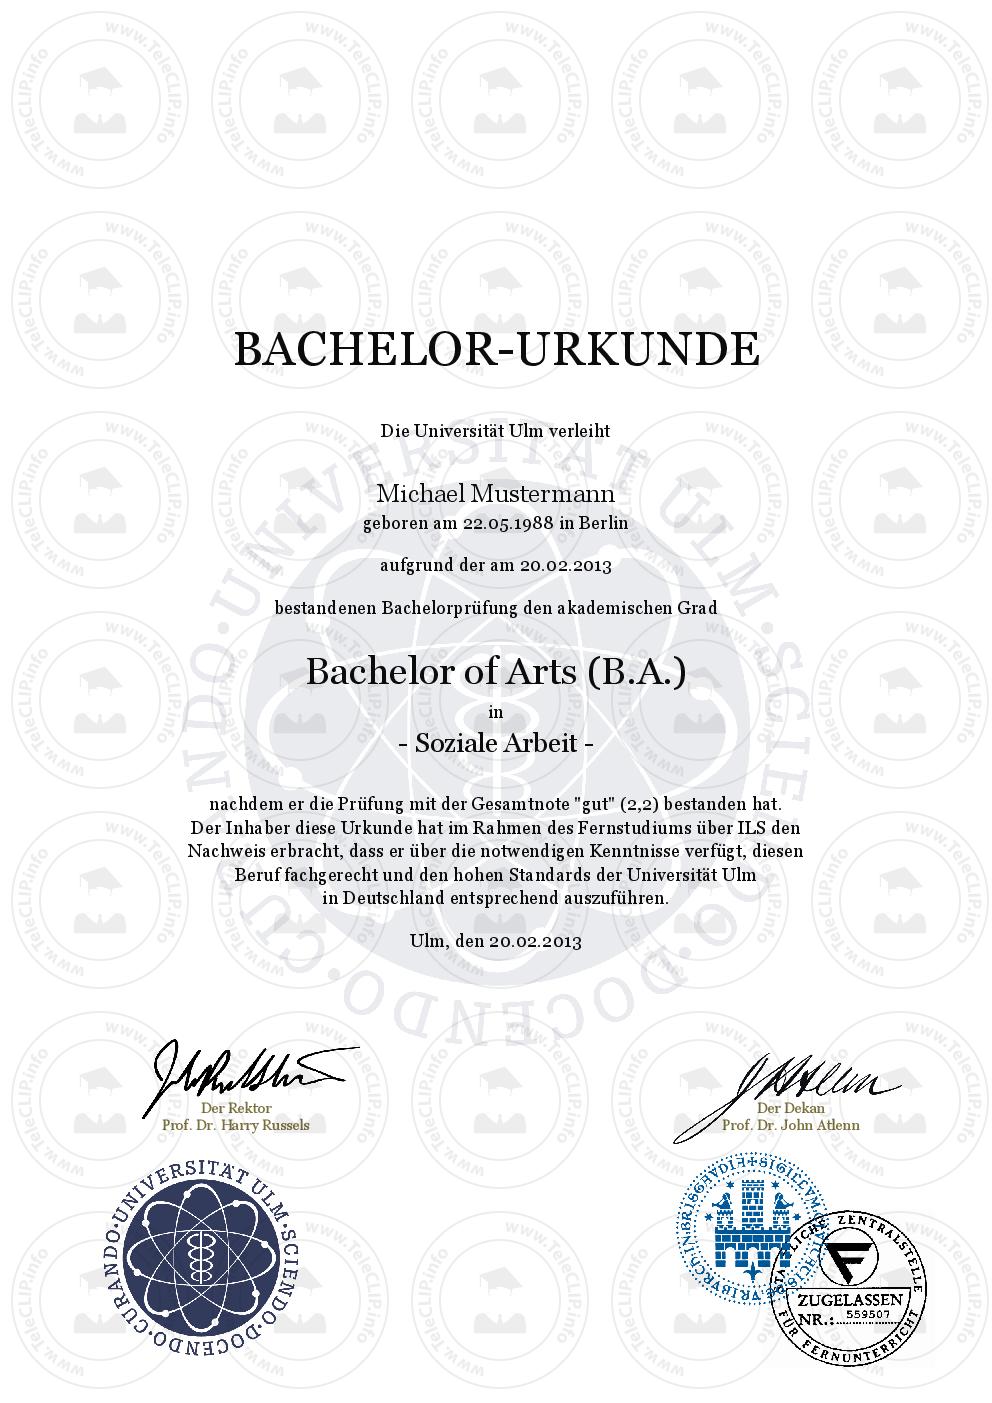 Bachelor-Urkunde einfach online kaufen | Universität Ulm